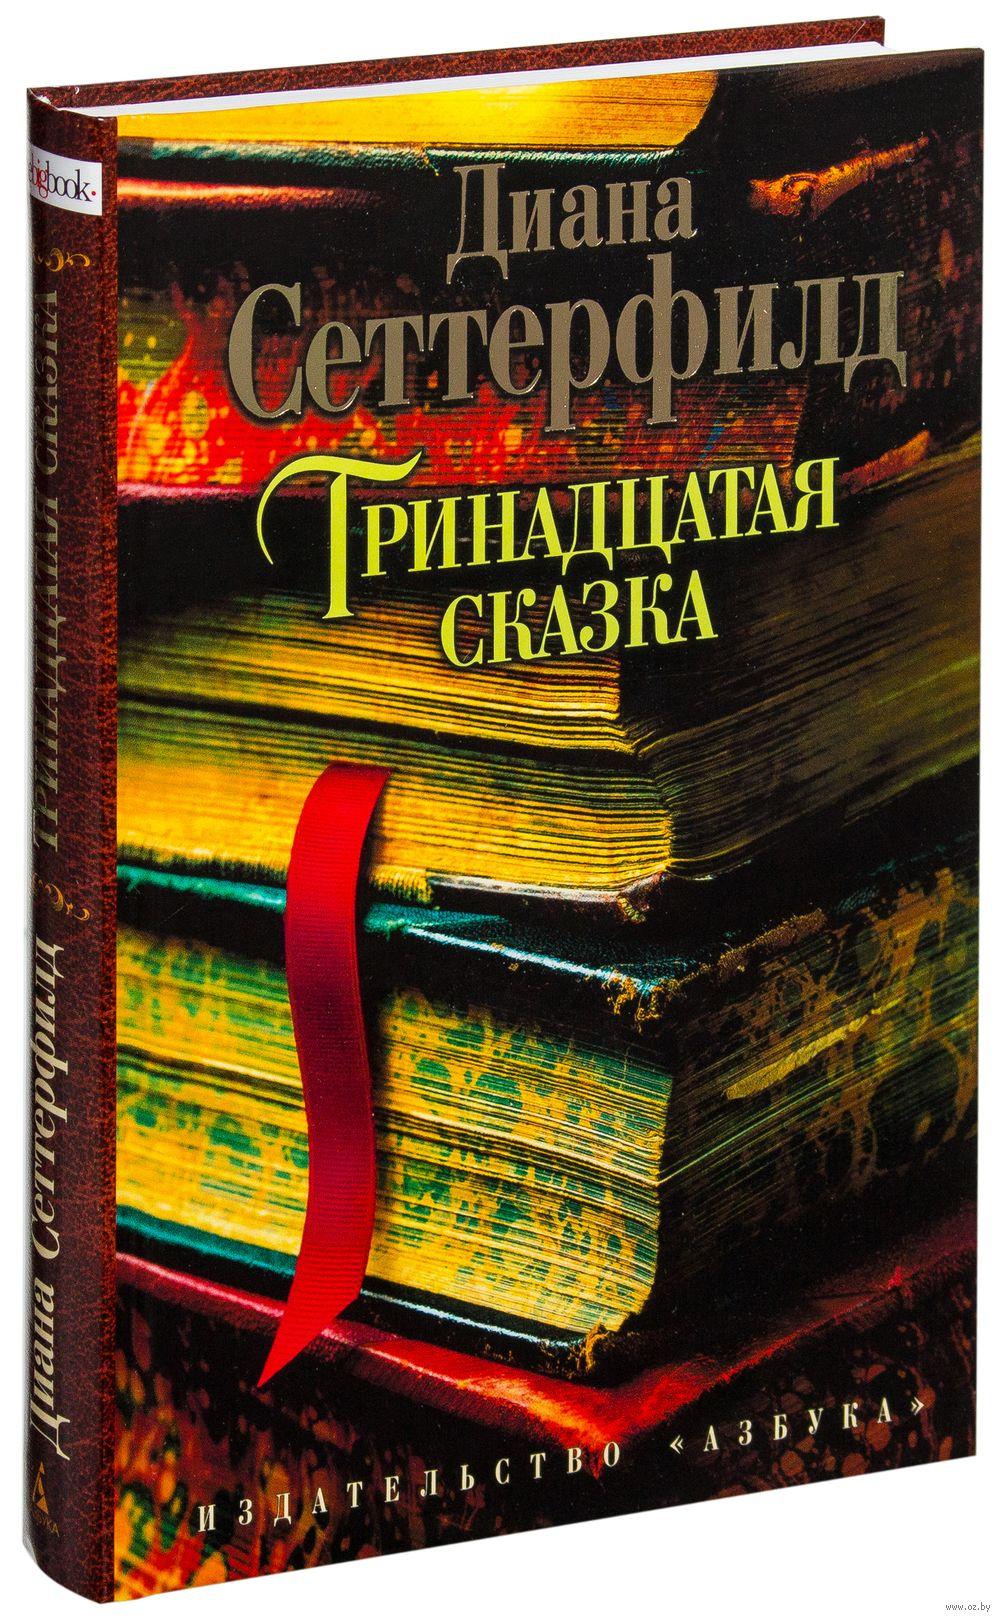 Скачать книгу бесплатно без регистрации тринадцатая сказка